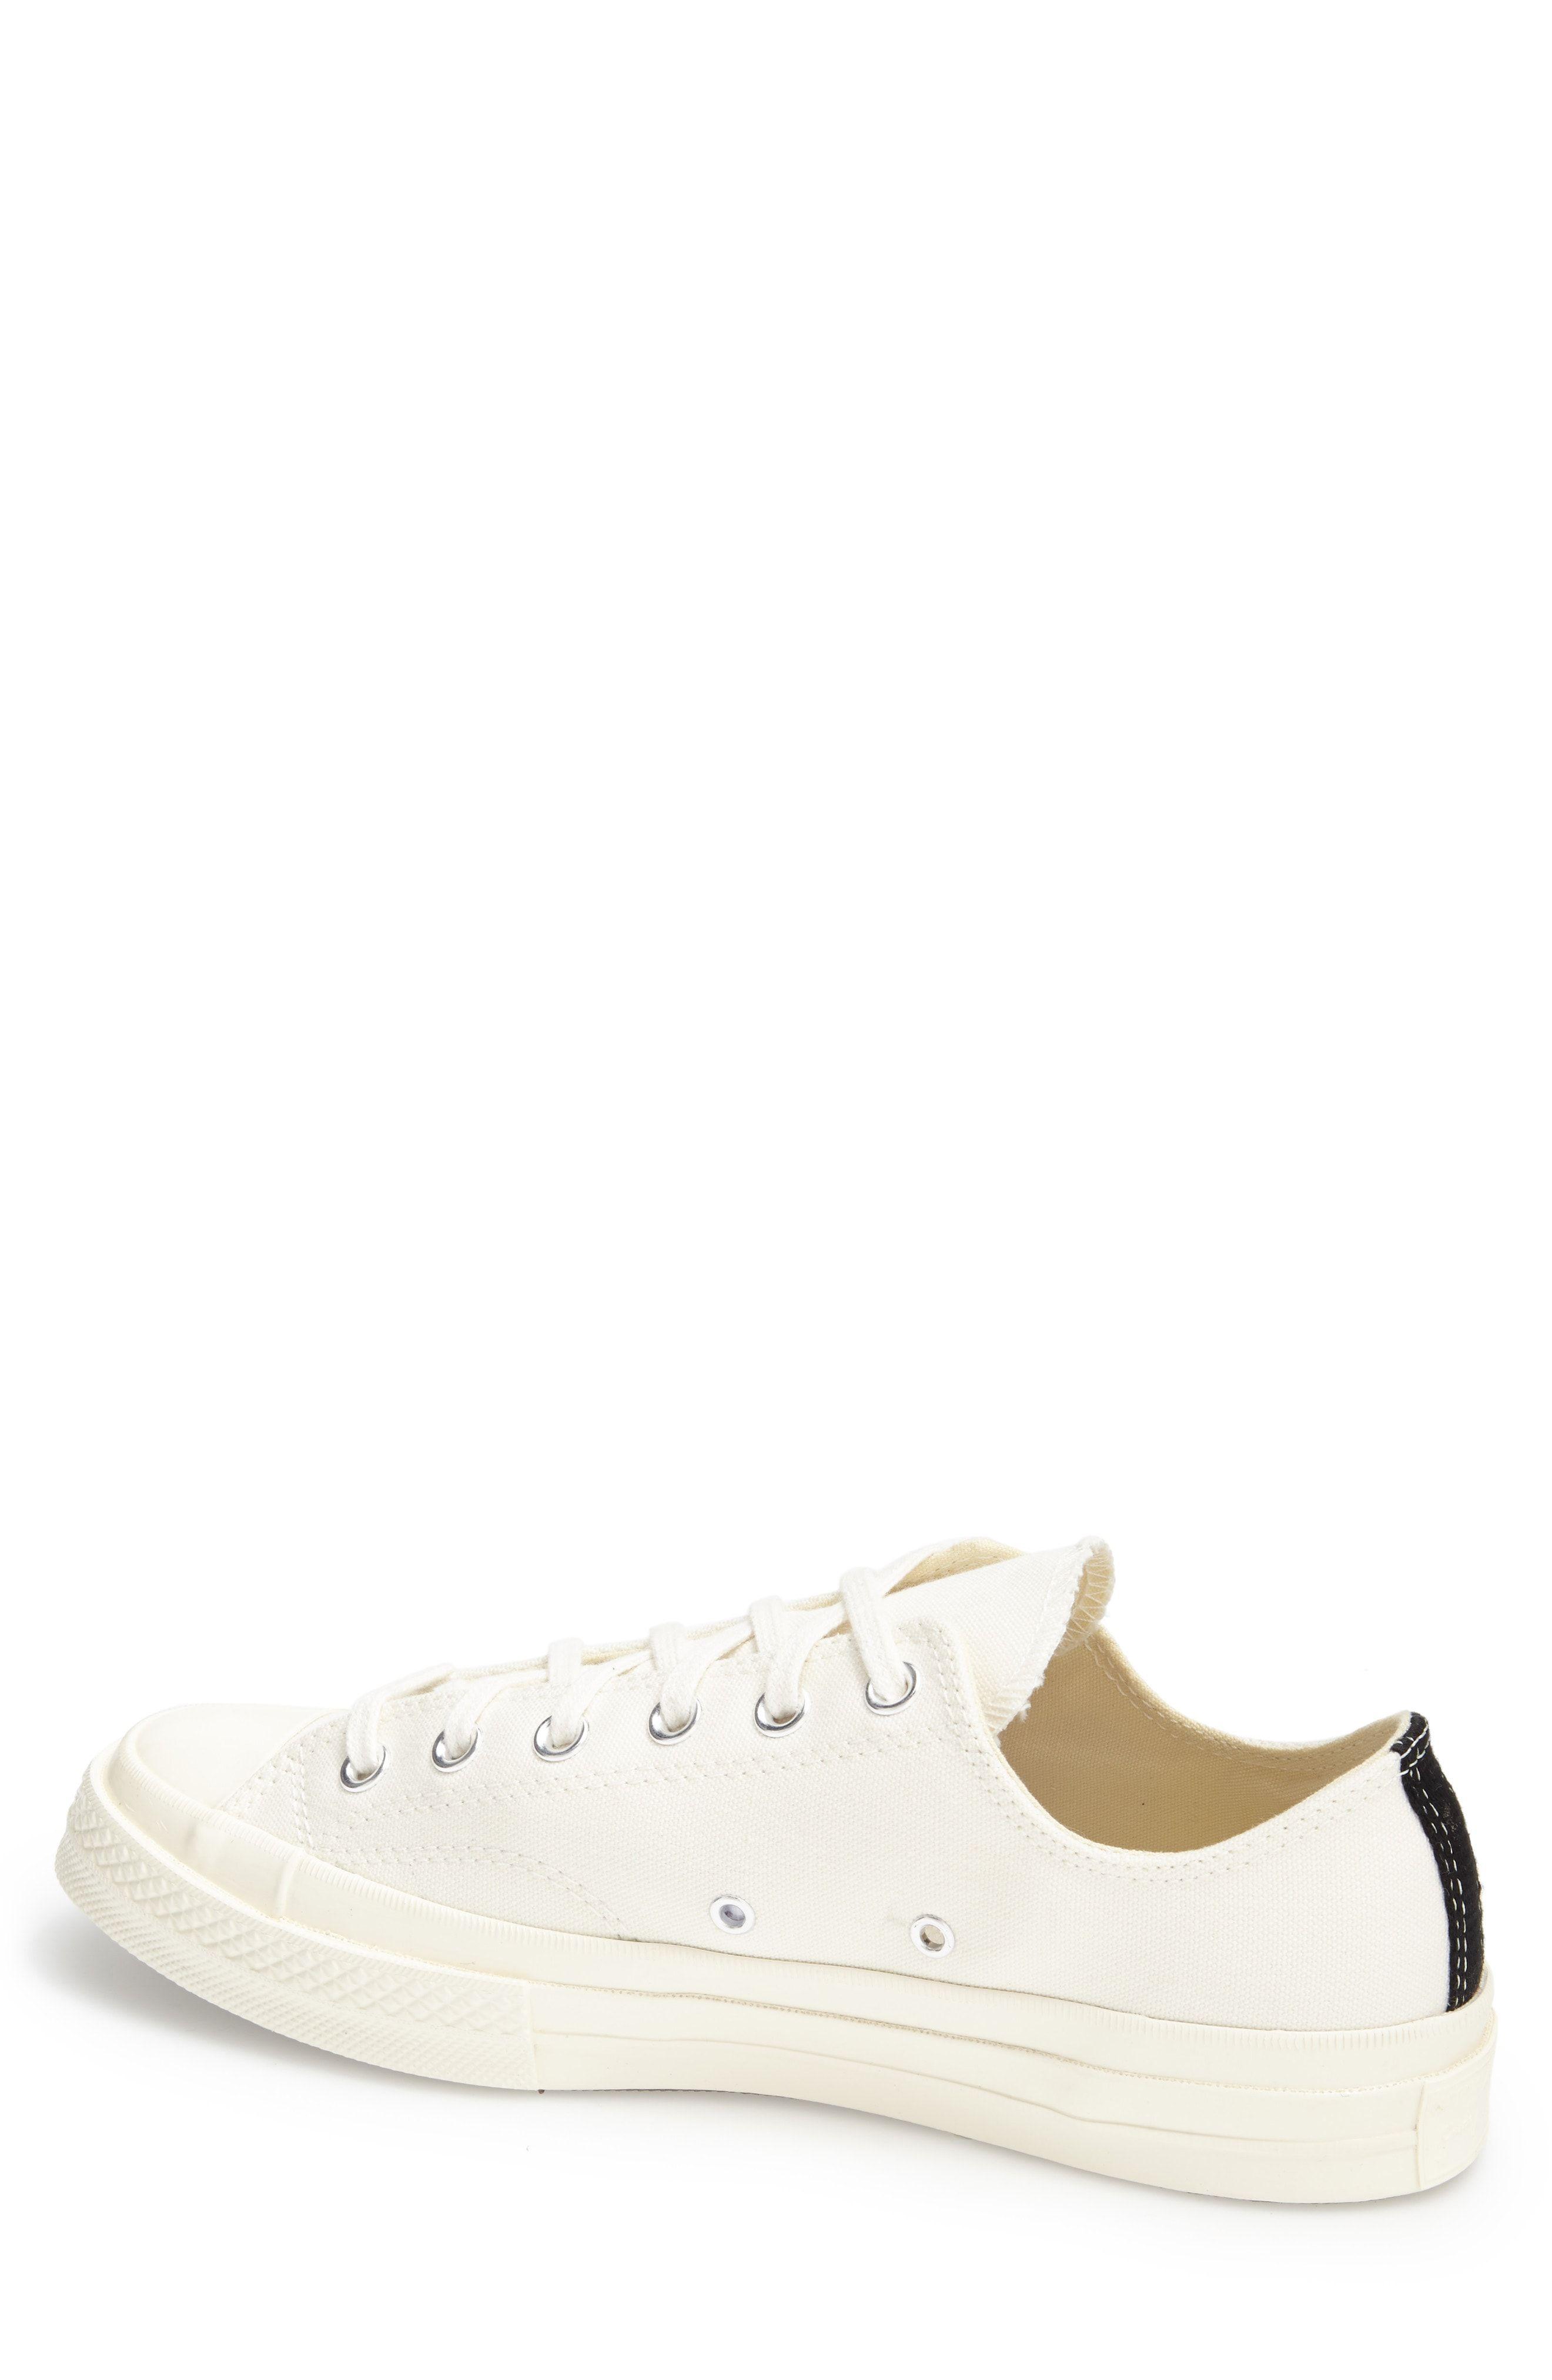 52097accd79f Comme des Garçons PLAY x Converse Chuck Taylor® Hidden Heart Low Top Sneaker  (Women)